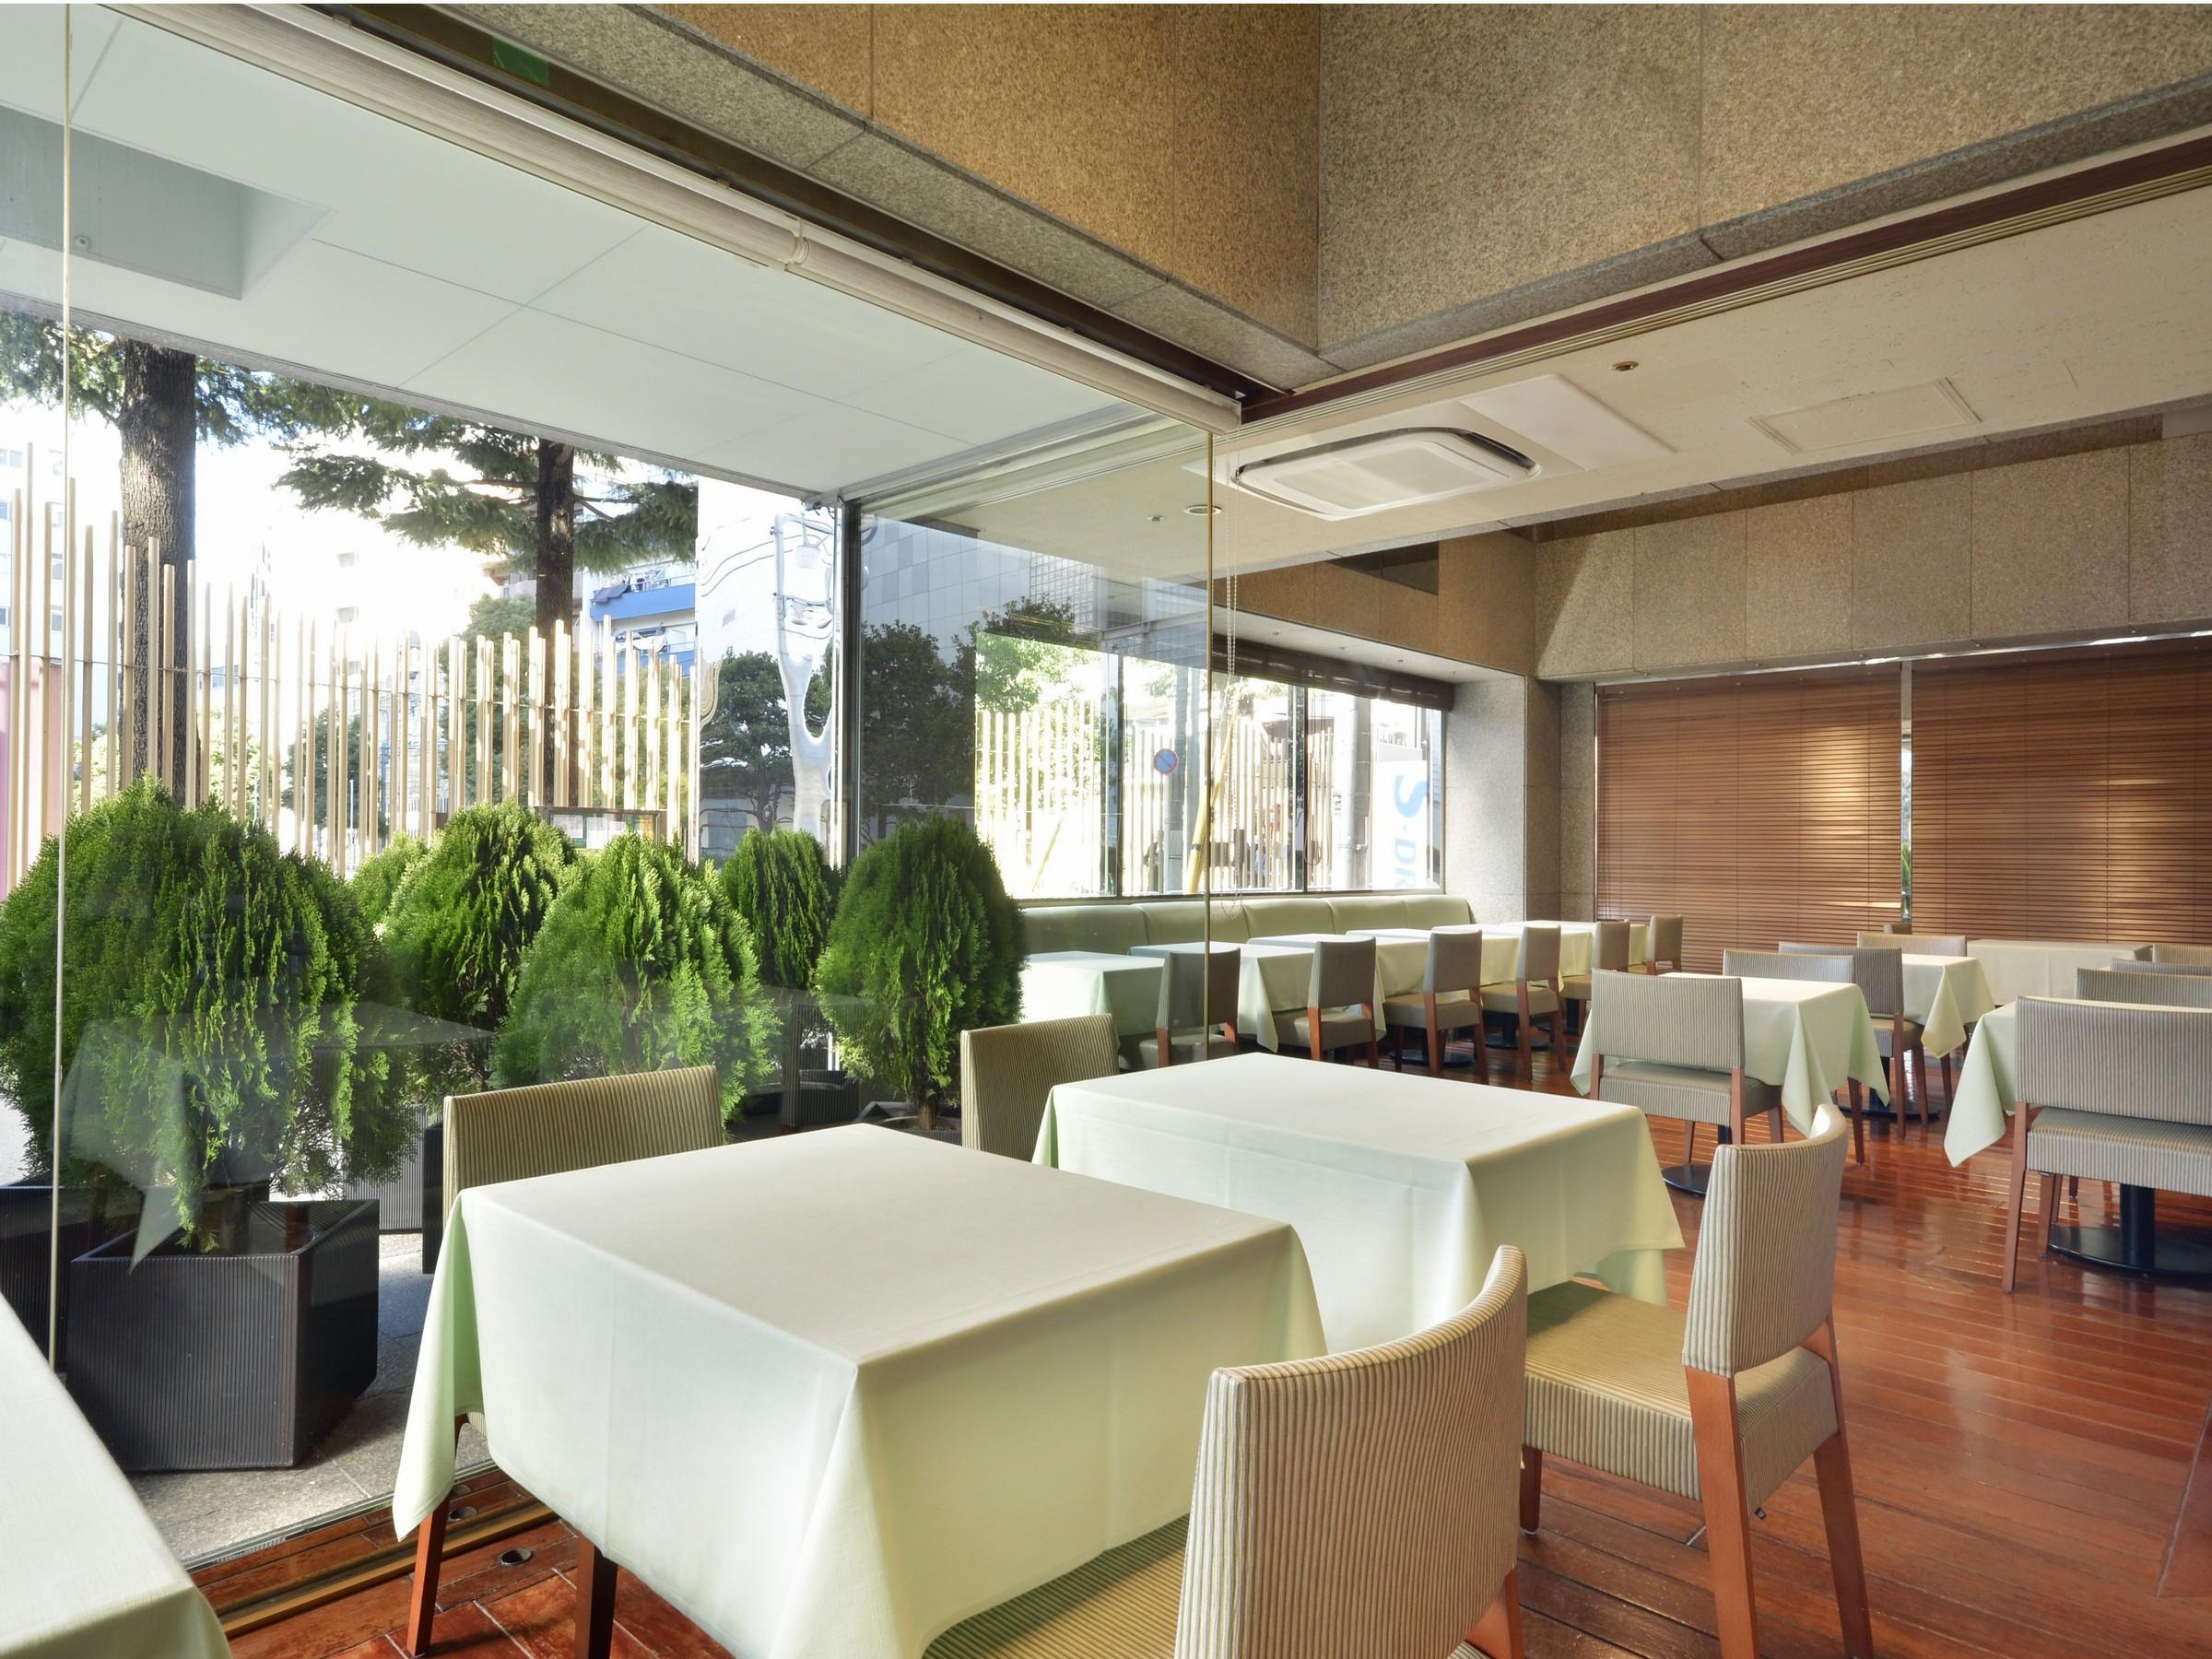 プレミアホテルCABIN新宿レストラン